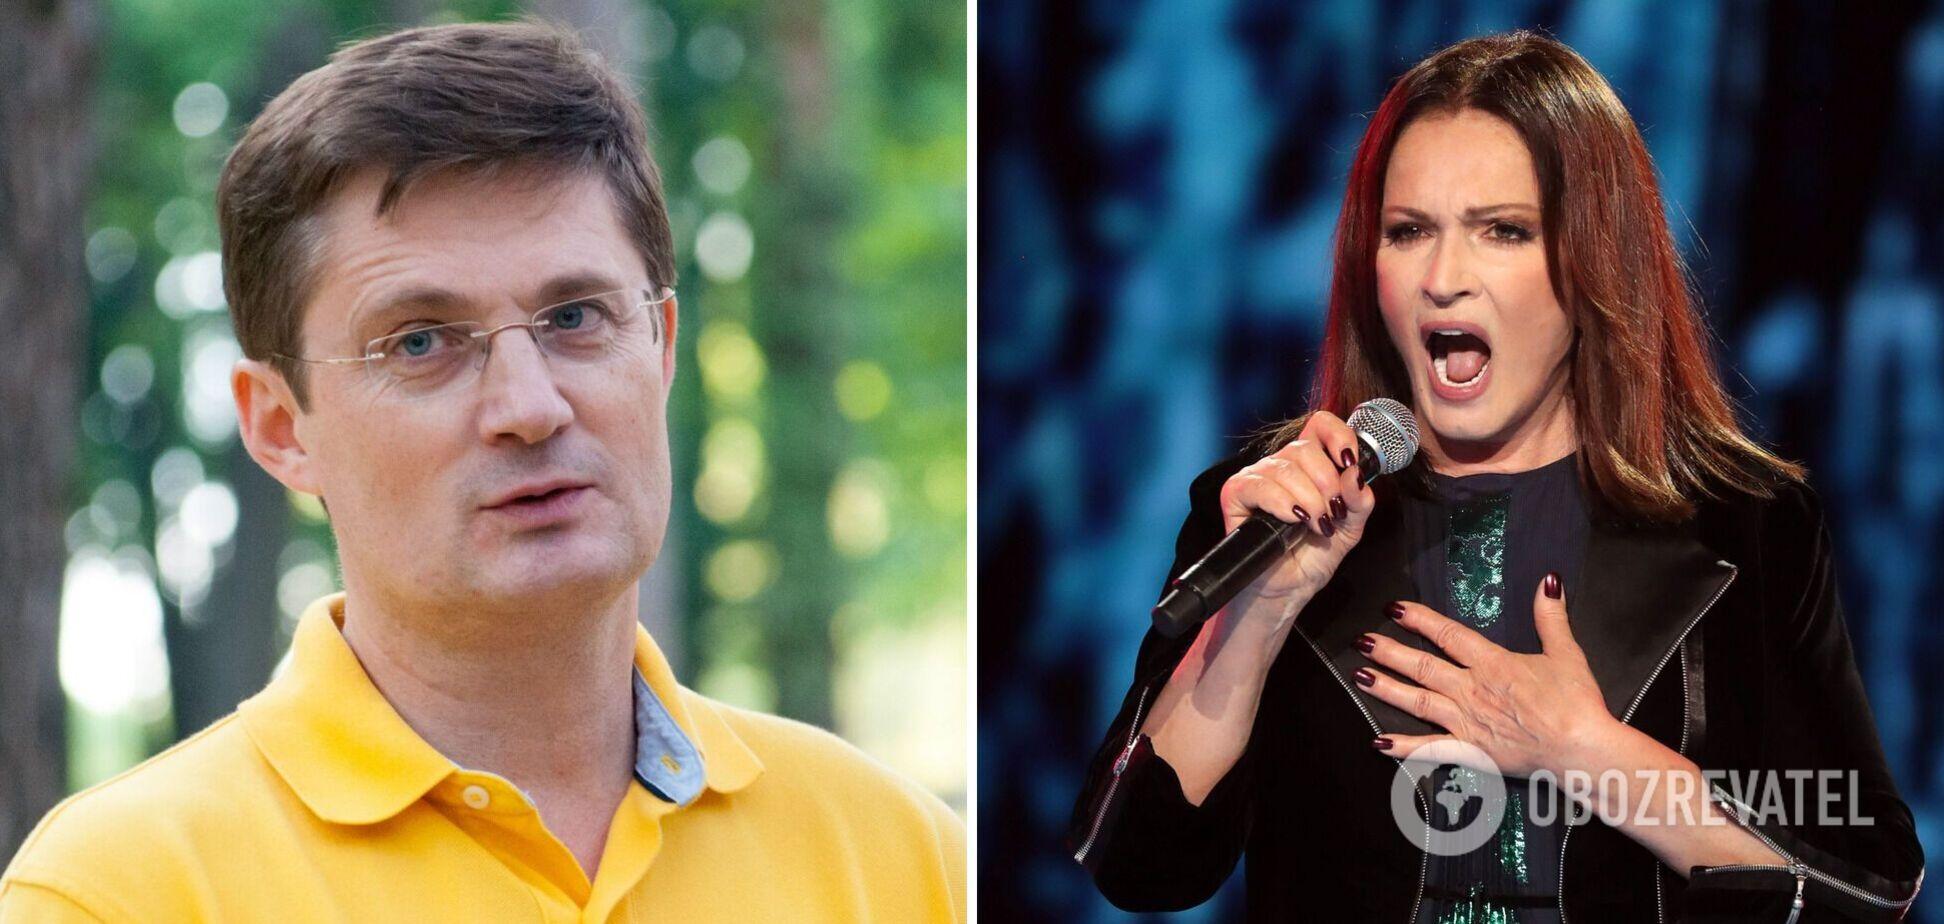 Кондратюк розкритикував Ротару і висловився проти її участі в концерті до Дня Незалежності